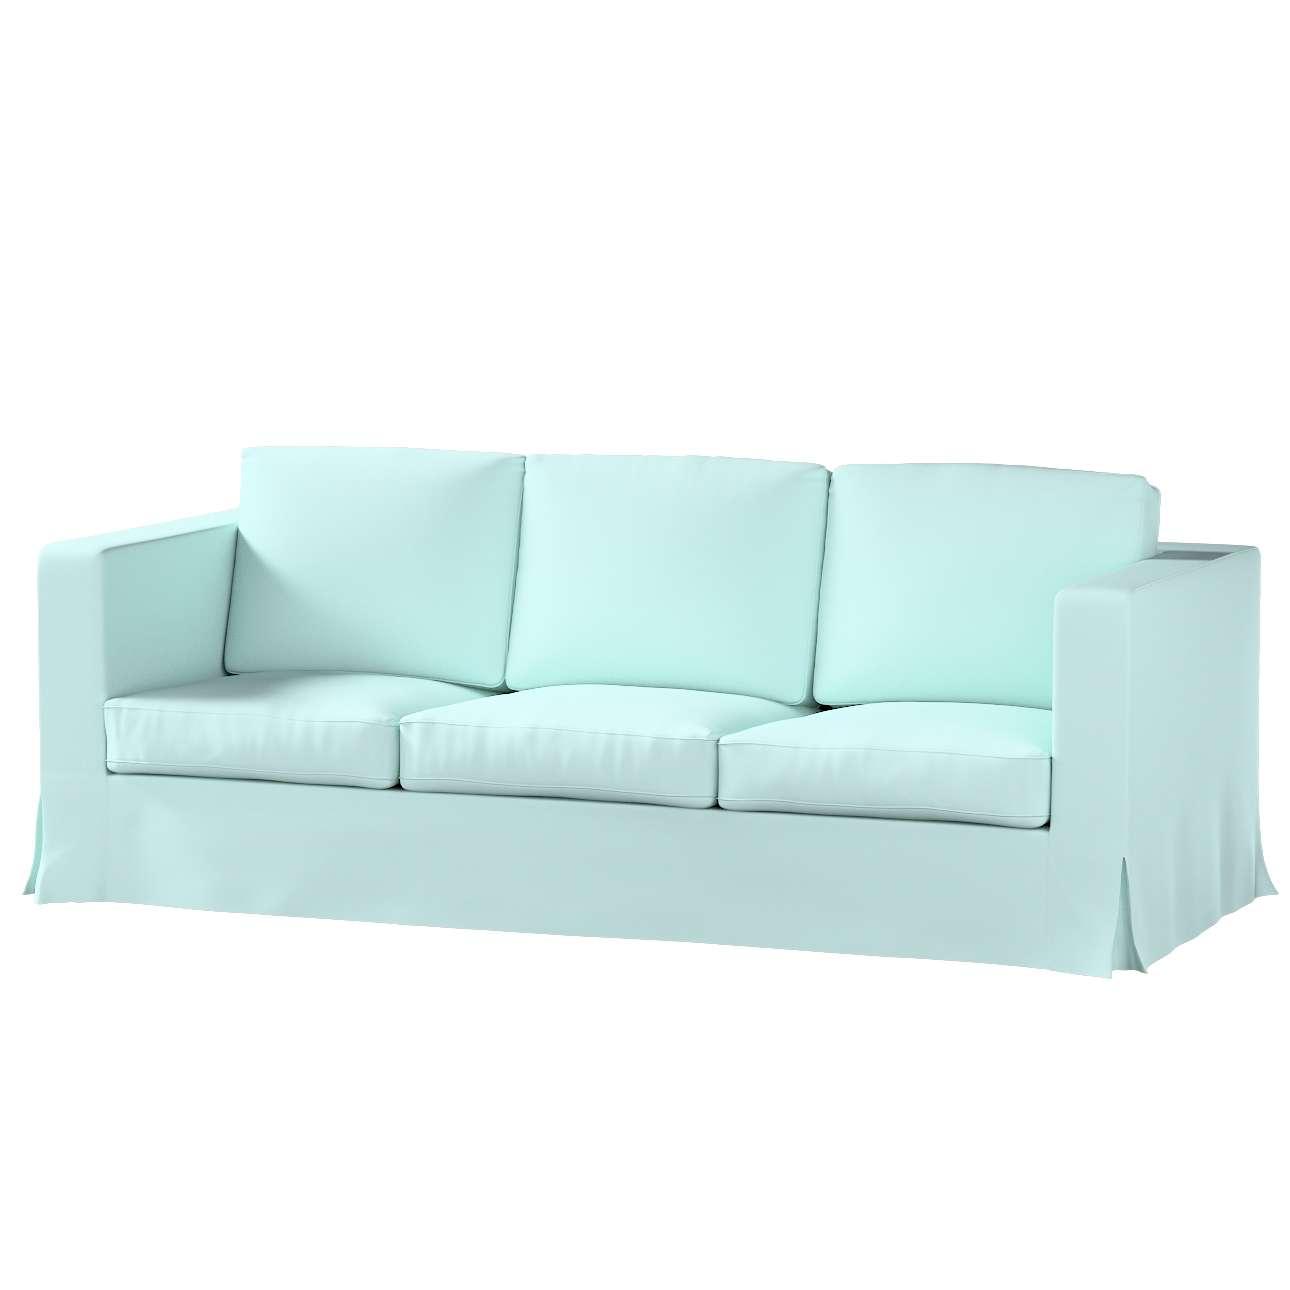 Karlanda Sofa Covers: Floor Length Karlanda 3-seater Sofa Cover, Pastel Blue